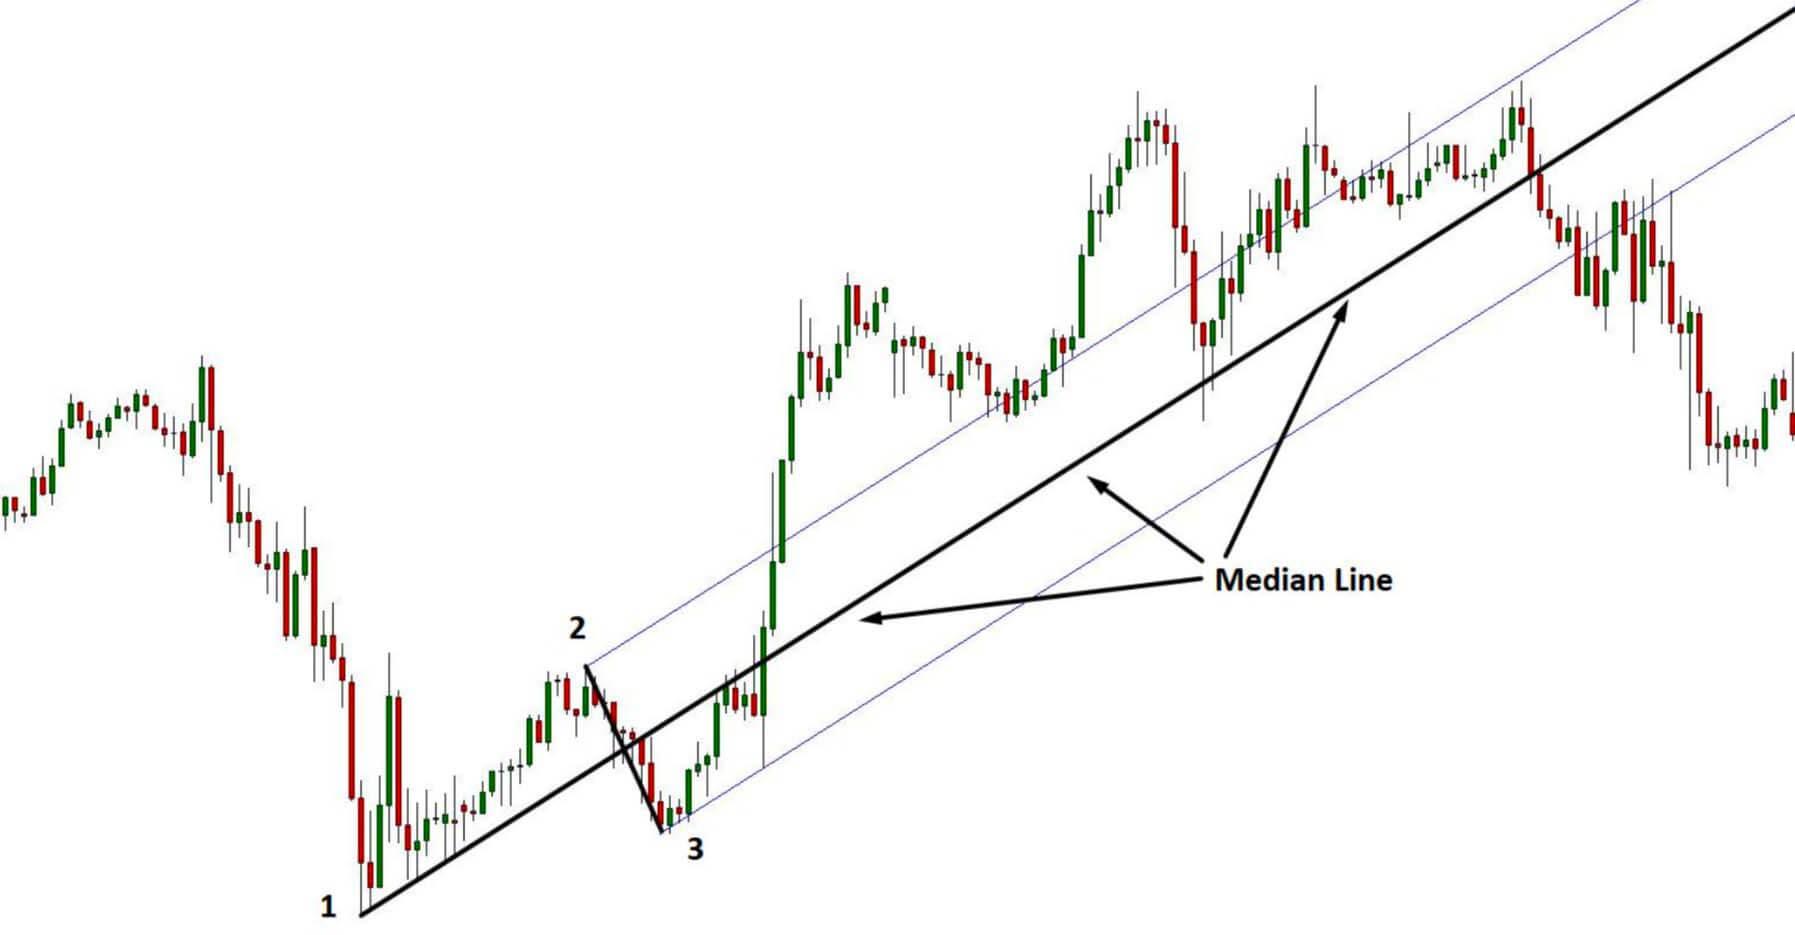 Andrews Median Line